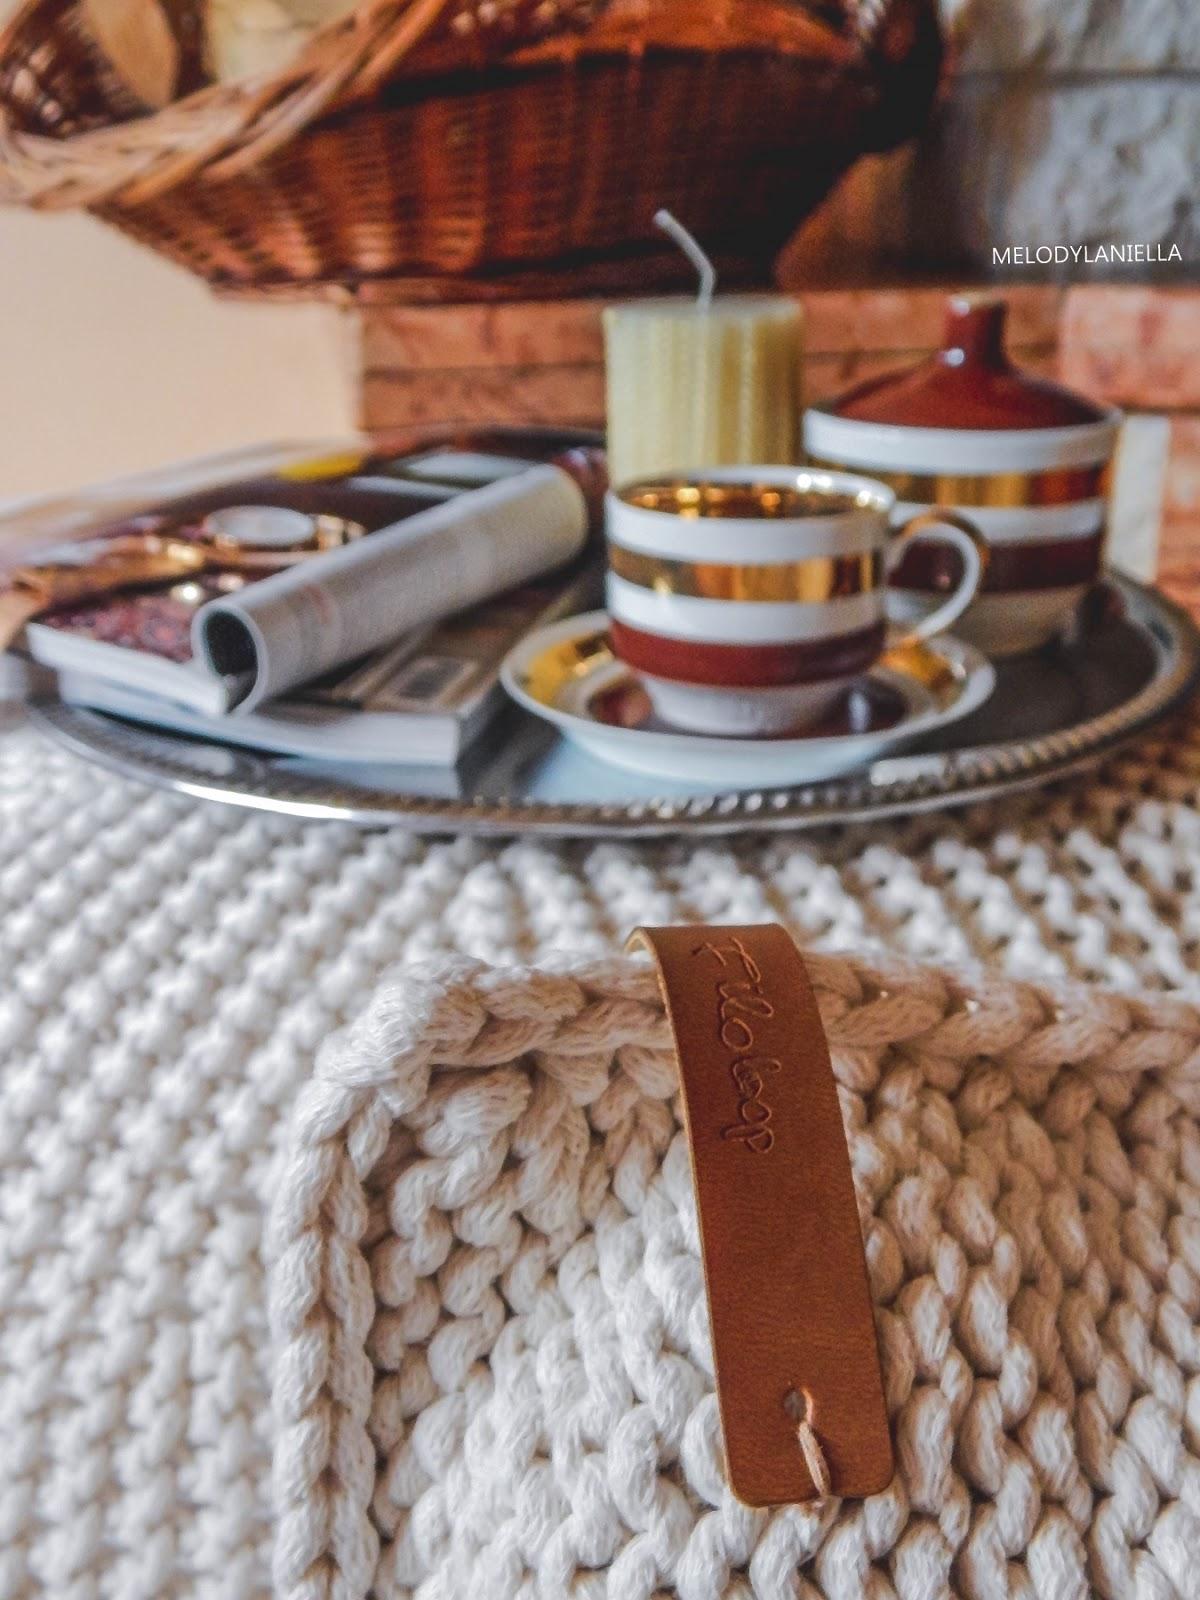 2 wywiad pomysł na biznes twórcze kobiety zawód jak przekuć pasję w pracę filo loop pomysł na biznes iwona trocka pufy poduszki warsztaty handmade robienia na drutach pledy koce shoper bag ze sznurka